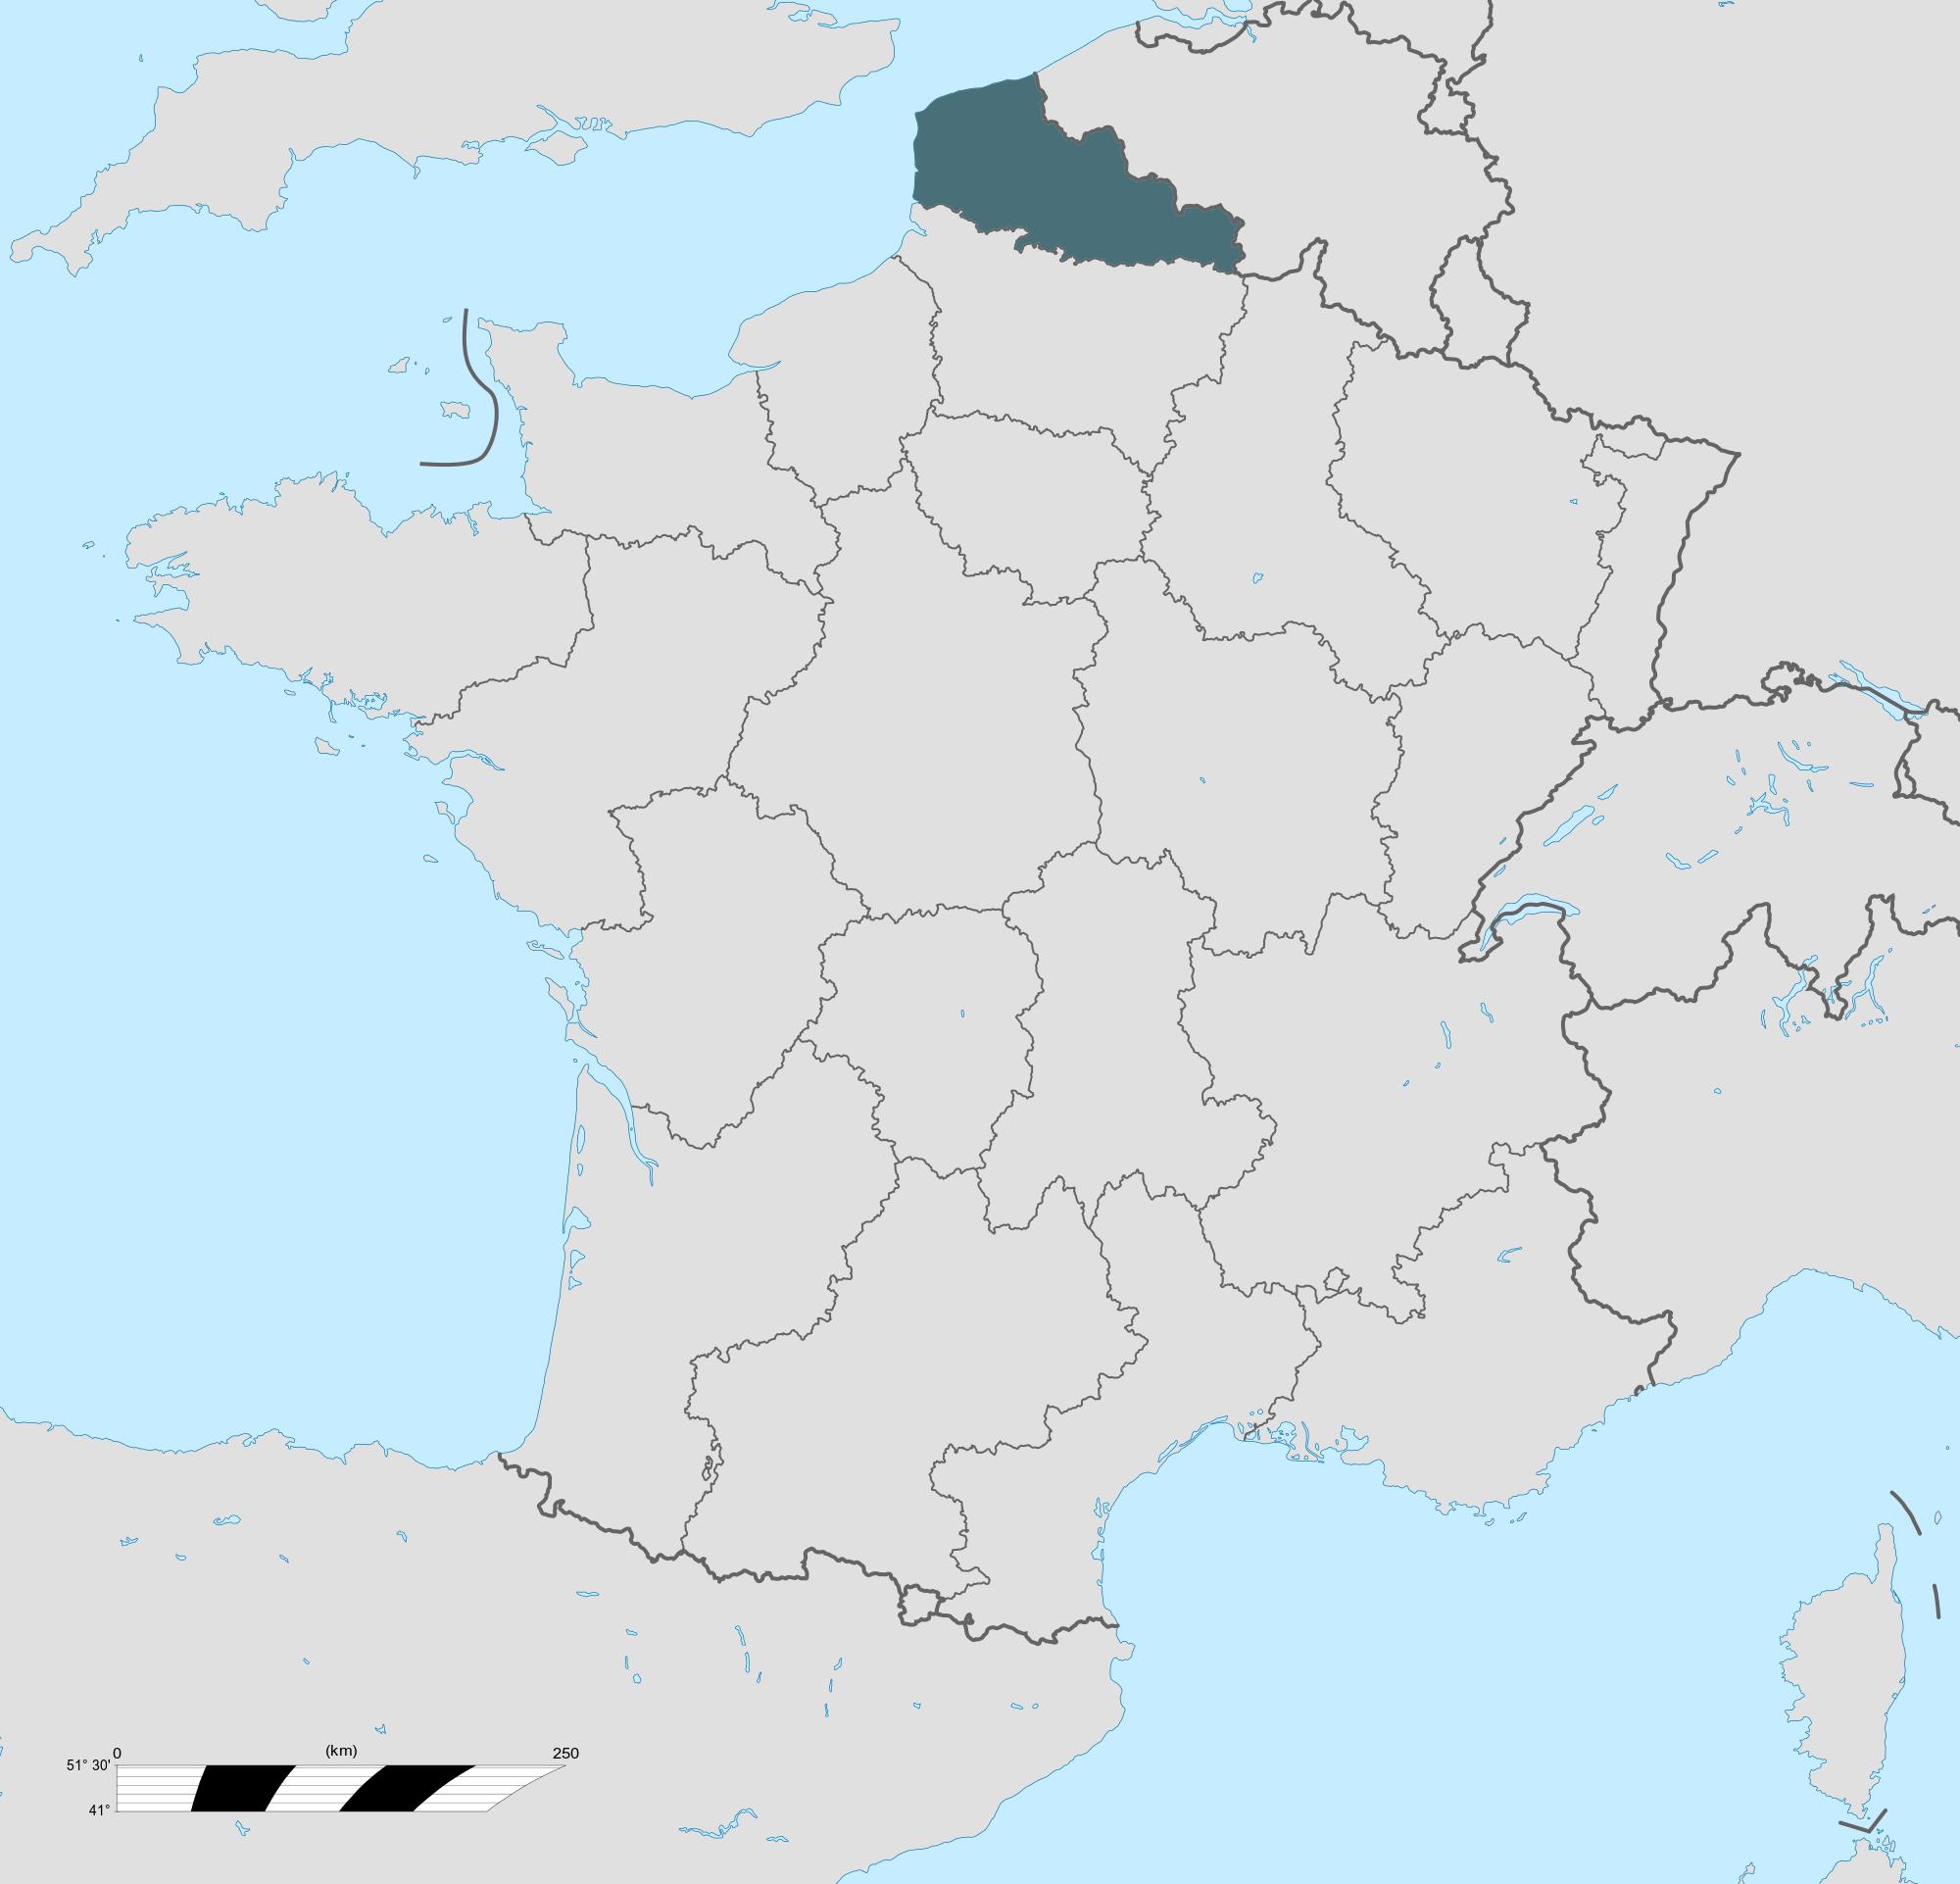 Carte grise Nord-Pas-de-Calais